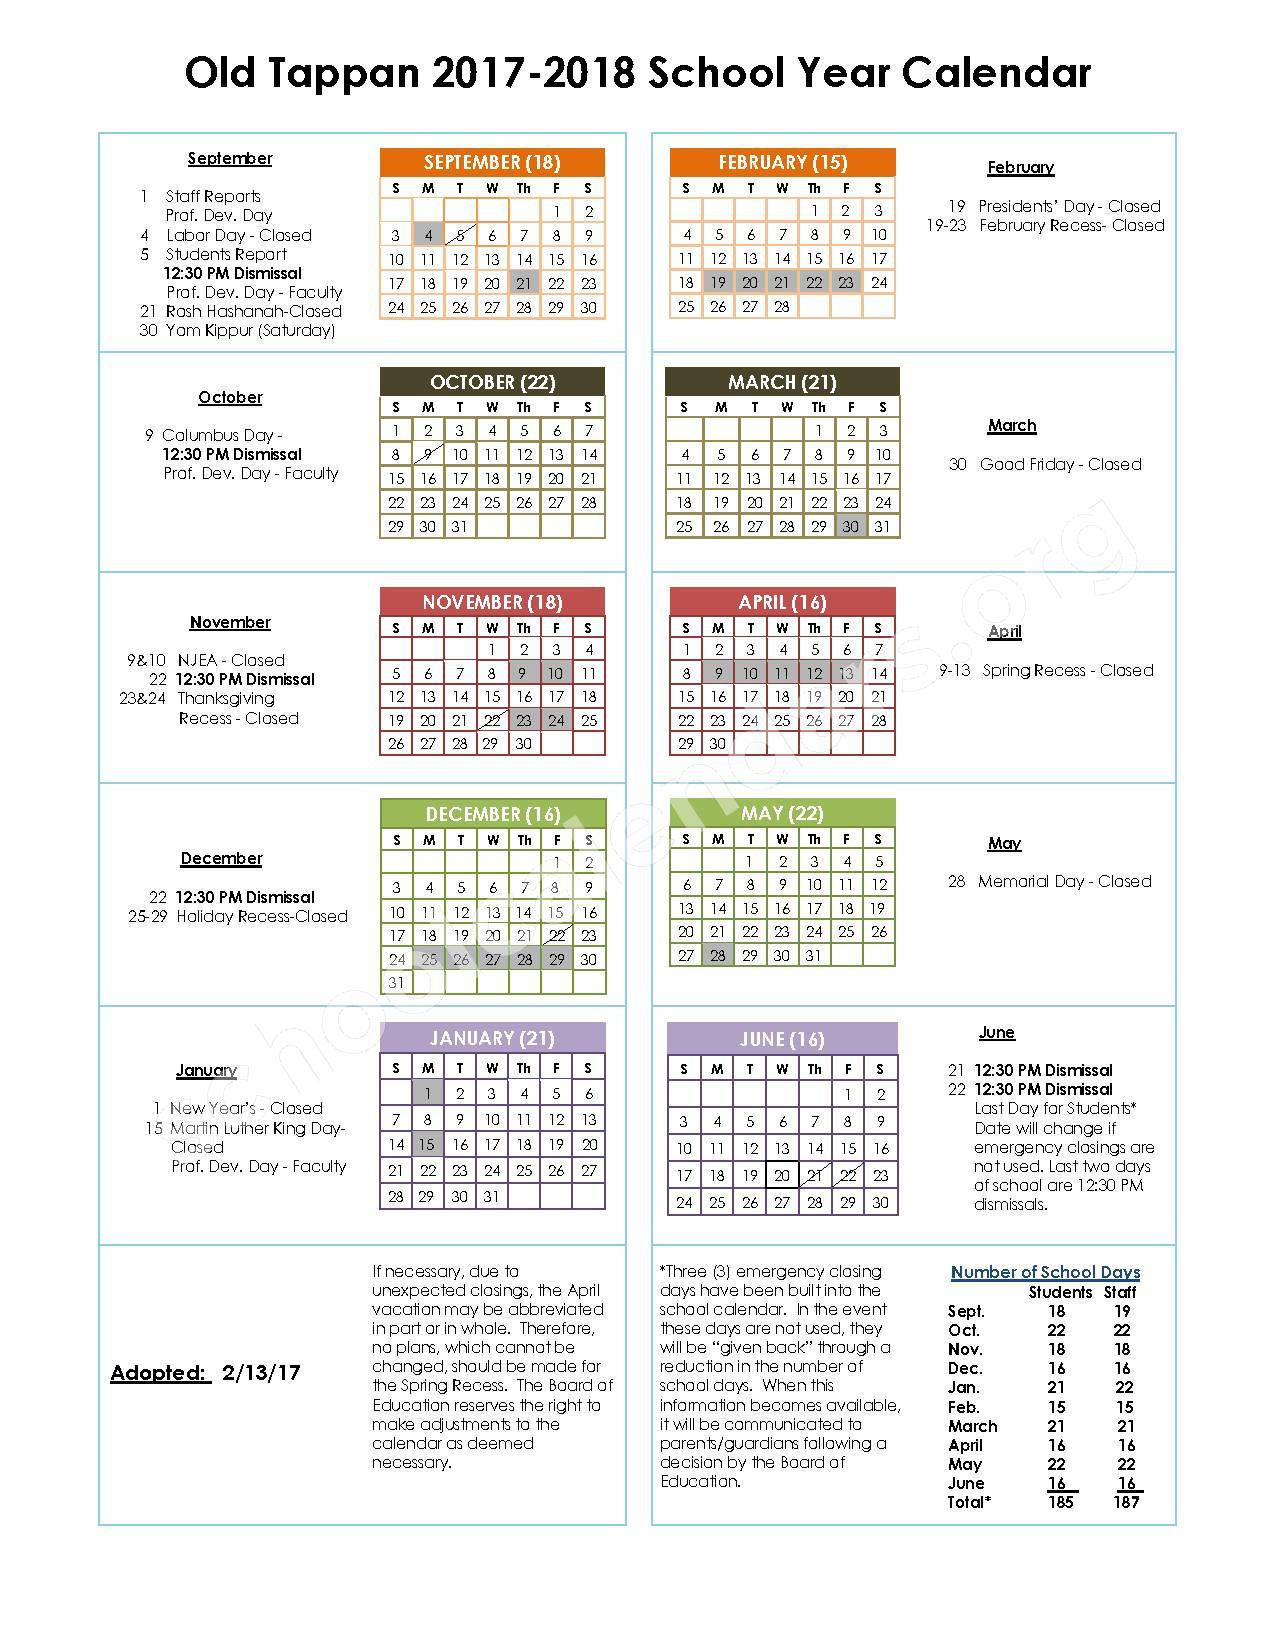 2017 - 2018 School Calendar – Old Tappan Public Schools – page 1